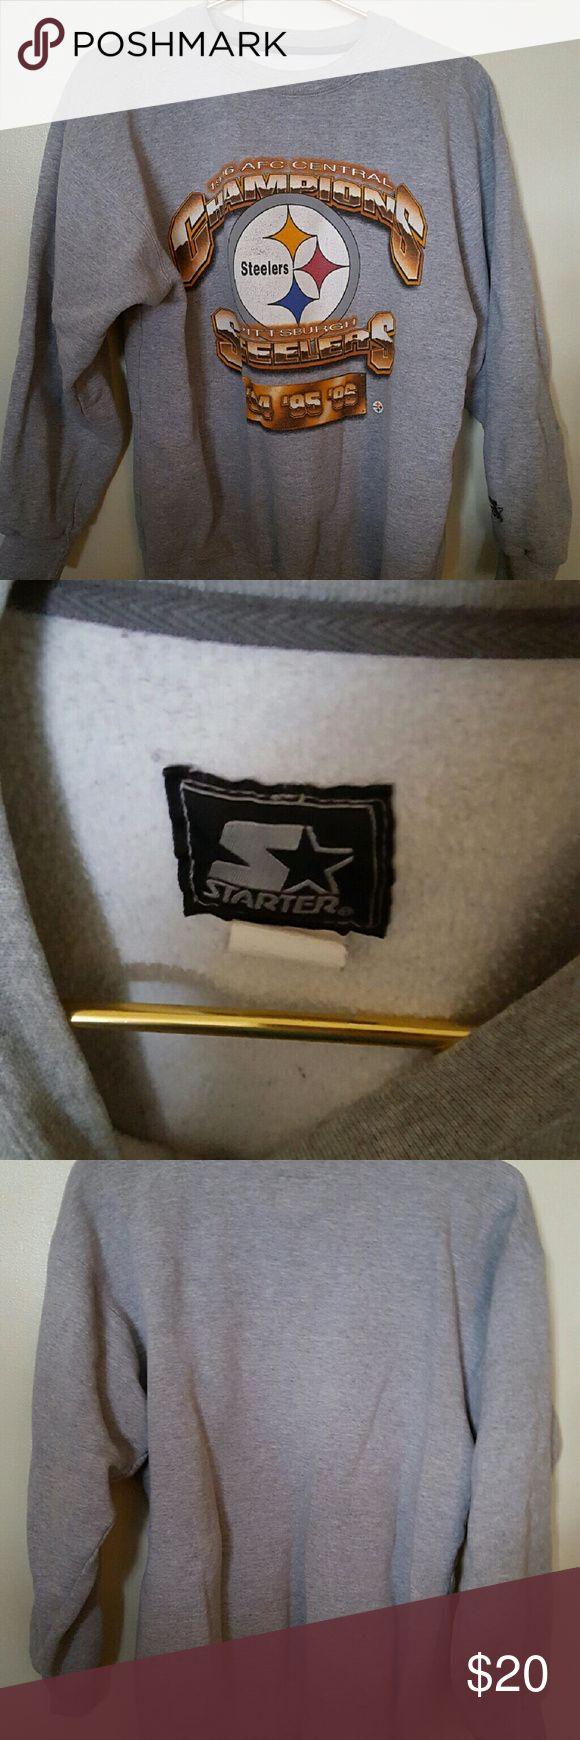 Vintage Pittsburgh Steelers Sweatshirt Vintage Pittsburgh Steelers Sweatshirt, size ladies Medium. 1996 AFC Central Champions Starter Tops Sweatshirts & Hoodies